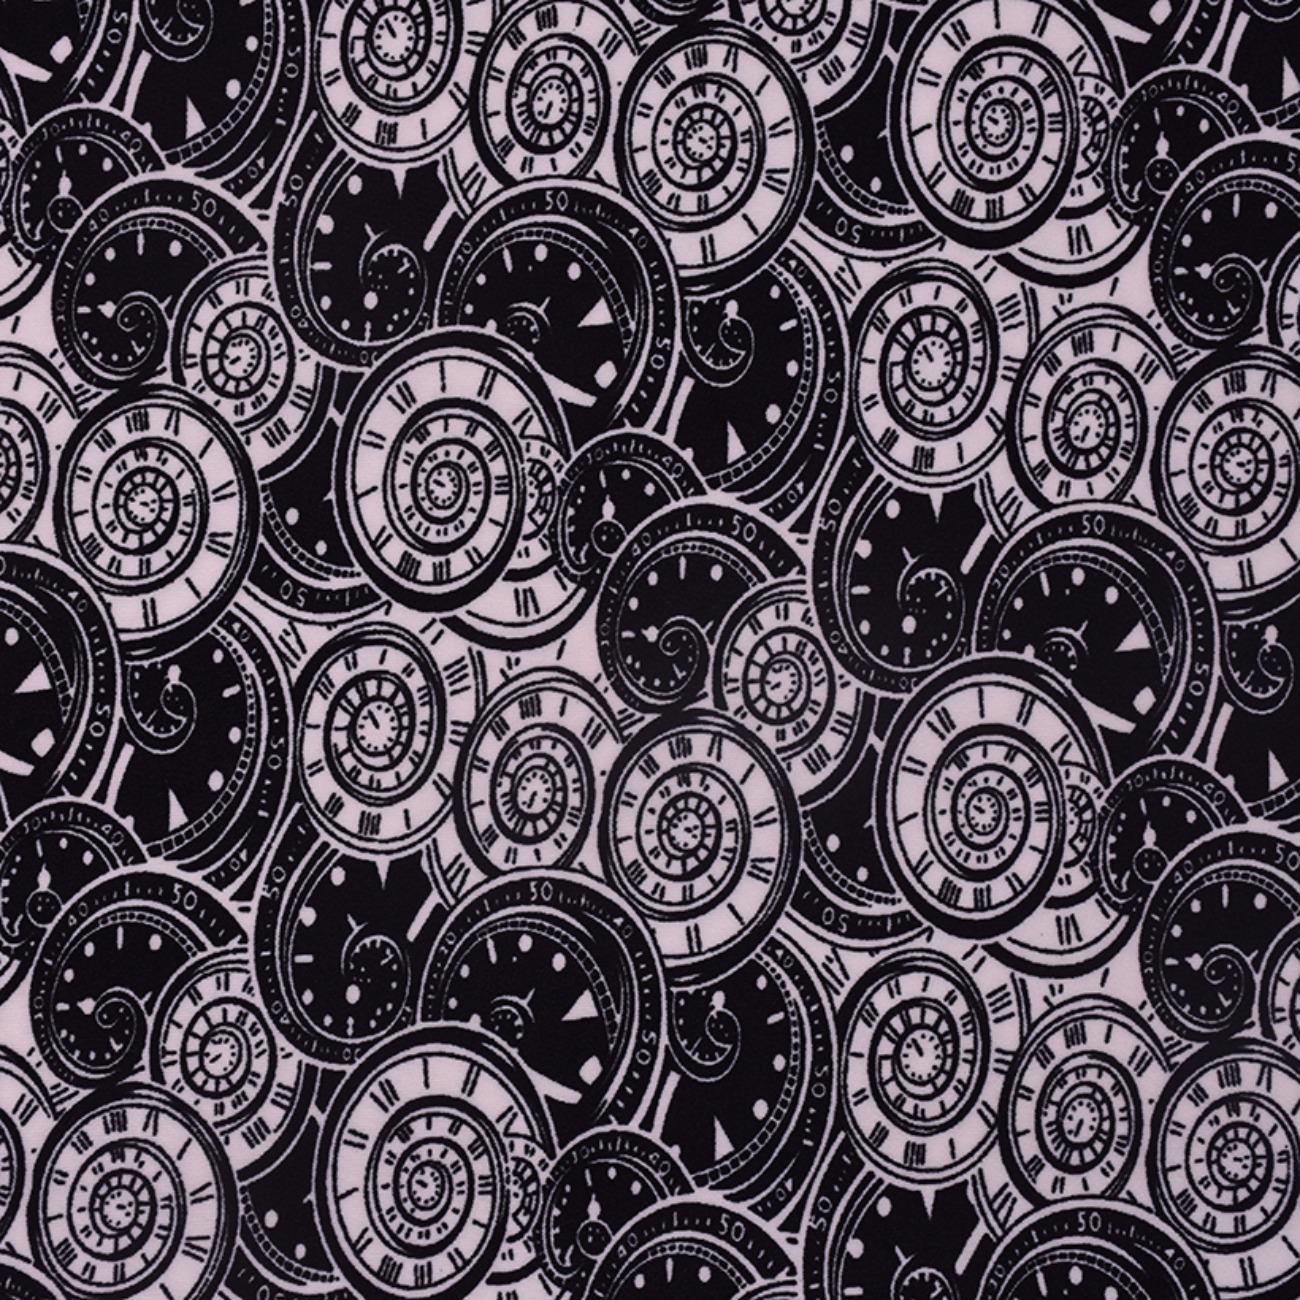 现货手表印花针织  T恤  针织衫  连衣裙 妈妈装 四面弹 柔软 圆机 纬编 单面 60314-15